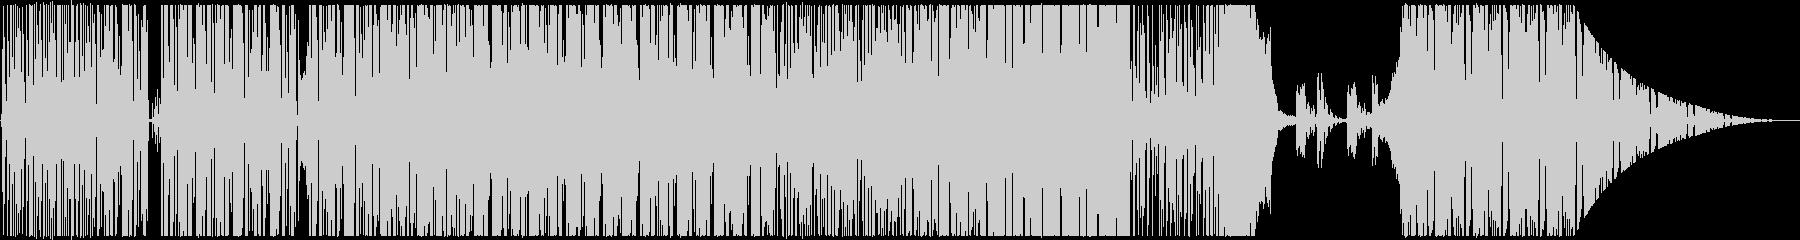 ファンクエレクトロ、ラテンの聖歌ボ...の未再生の波形